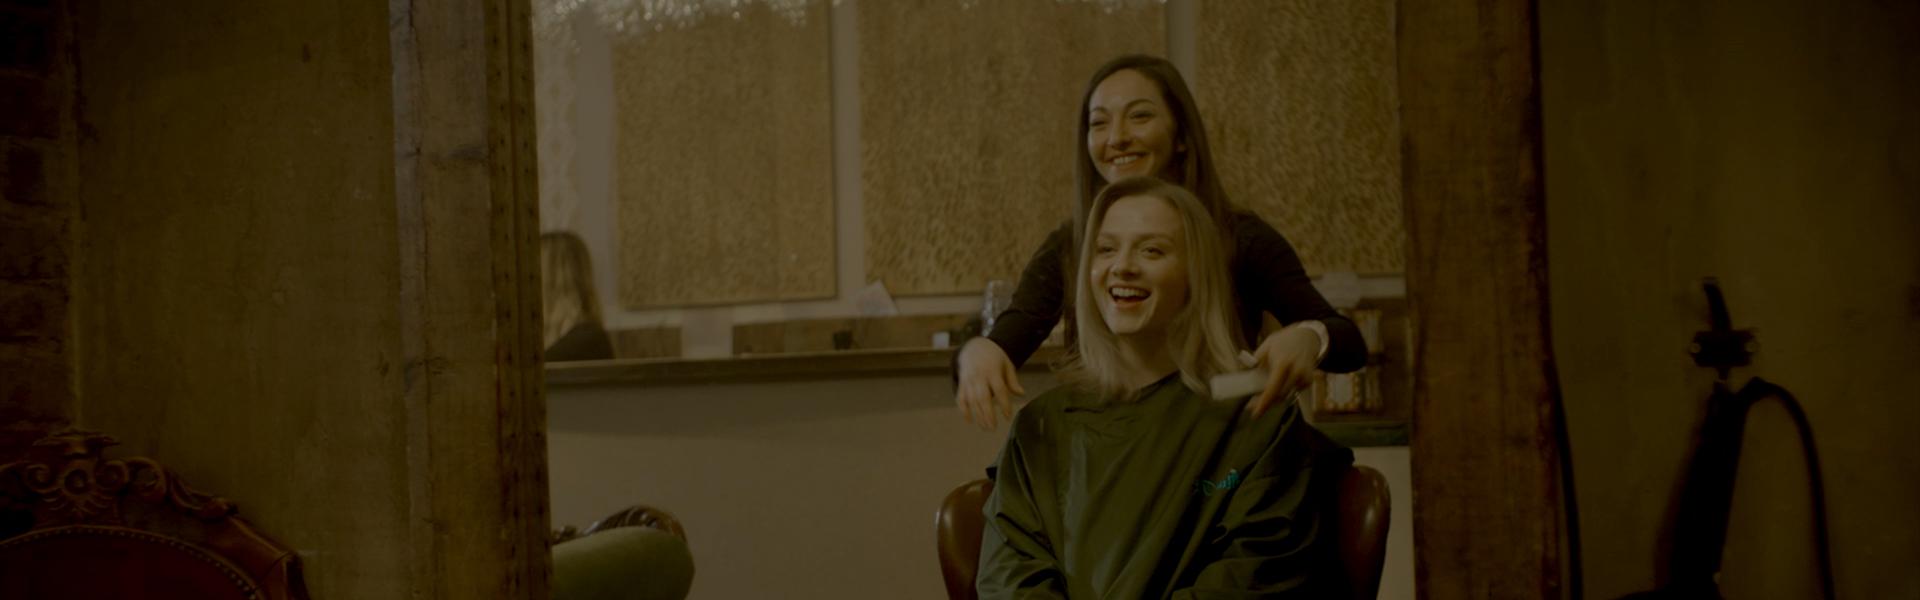 Kaks naist juuksurisalongis